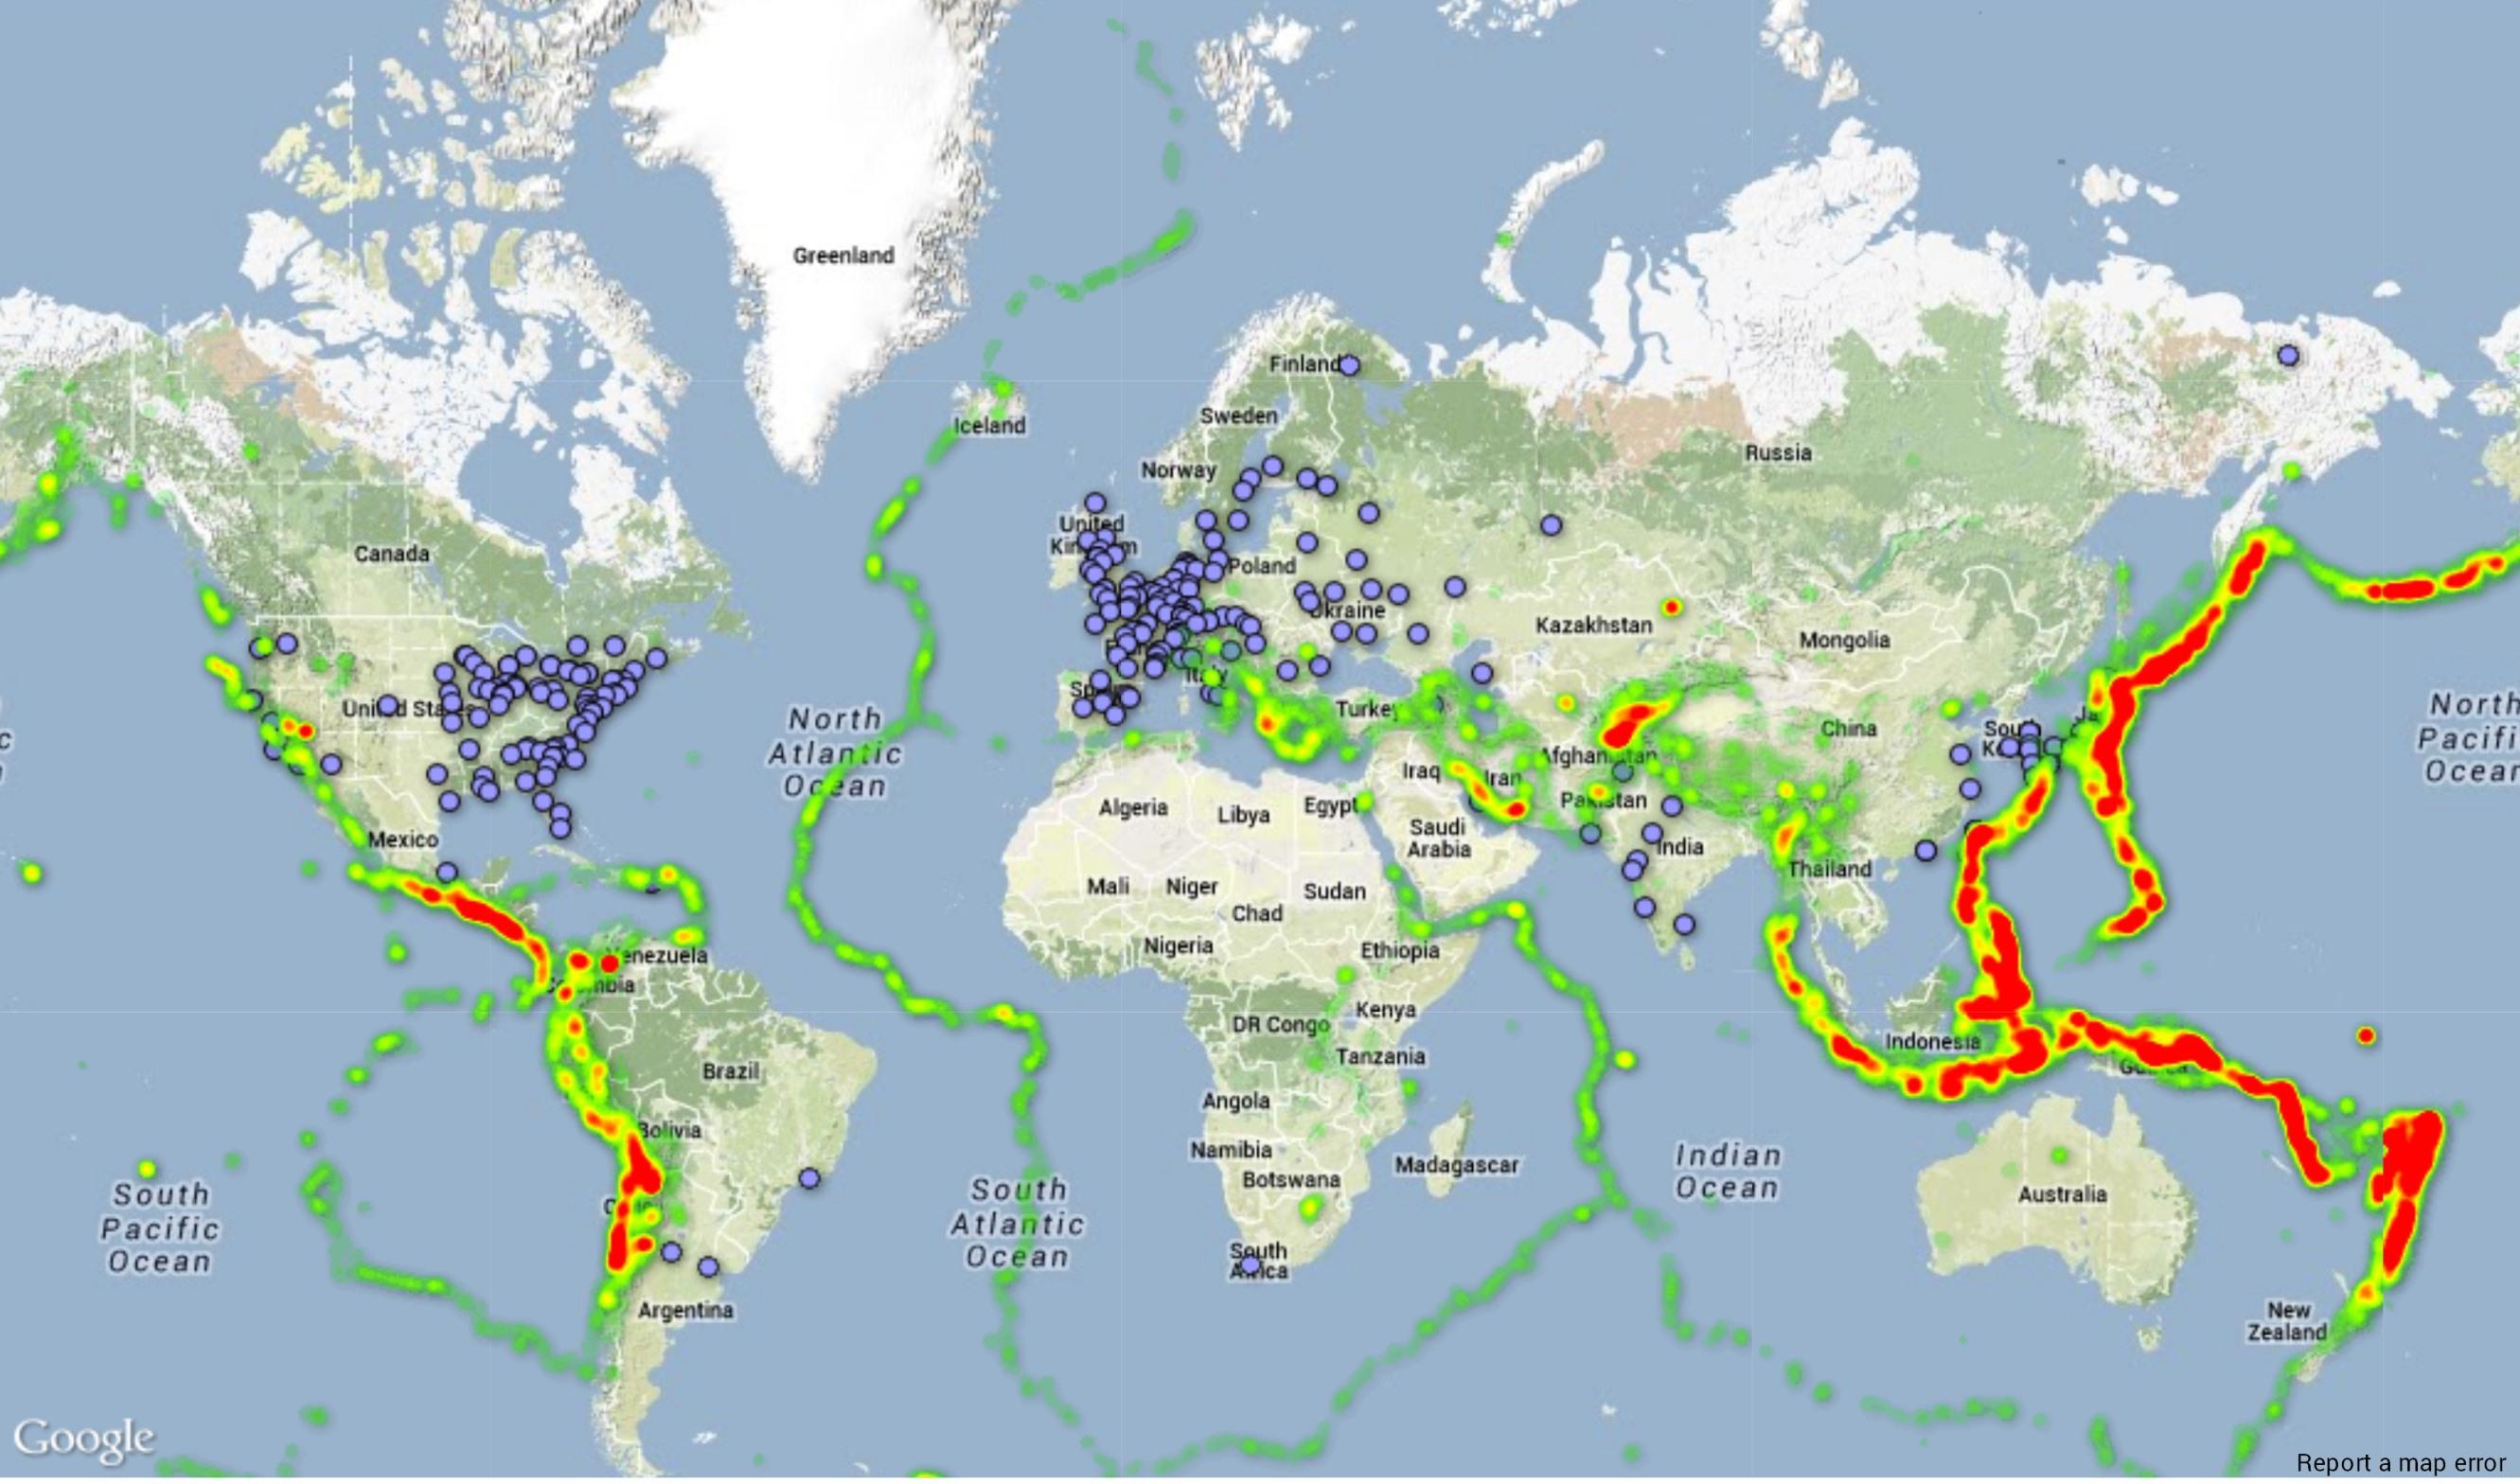 Gempa bumi yang terbesar di dunia download